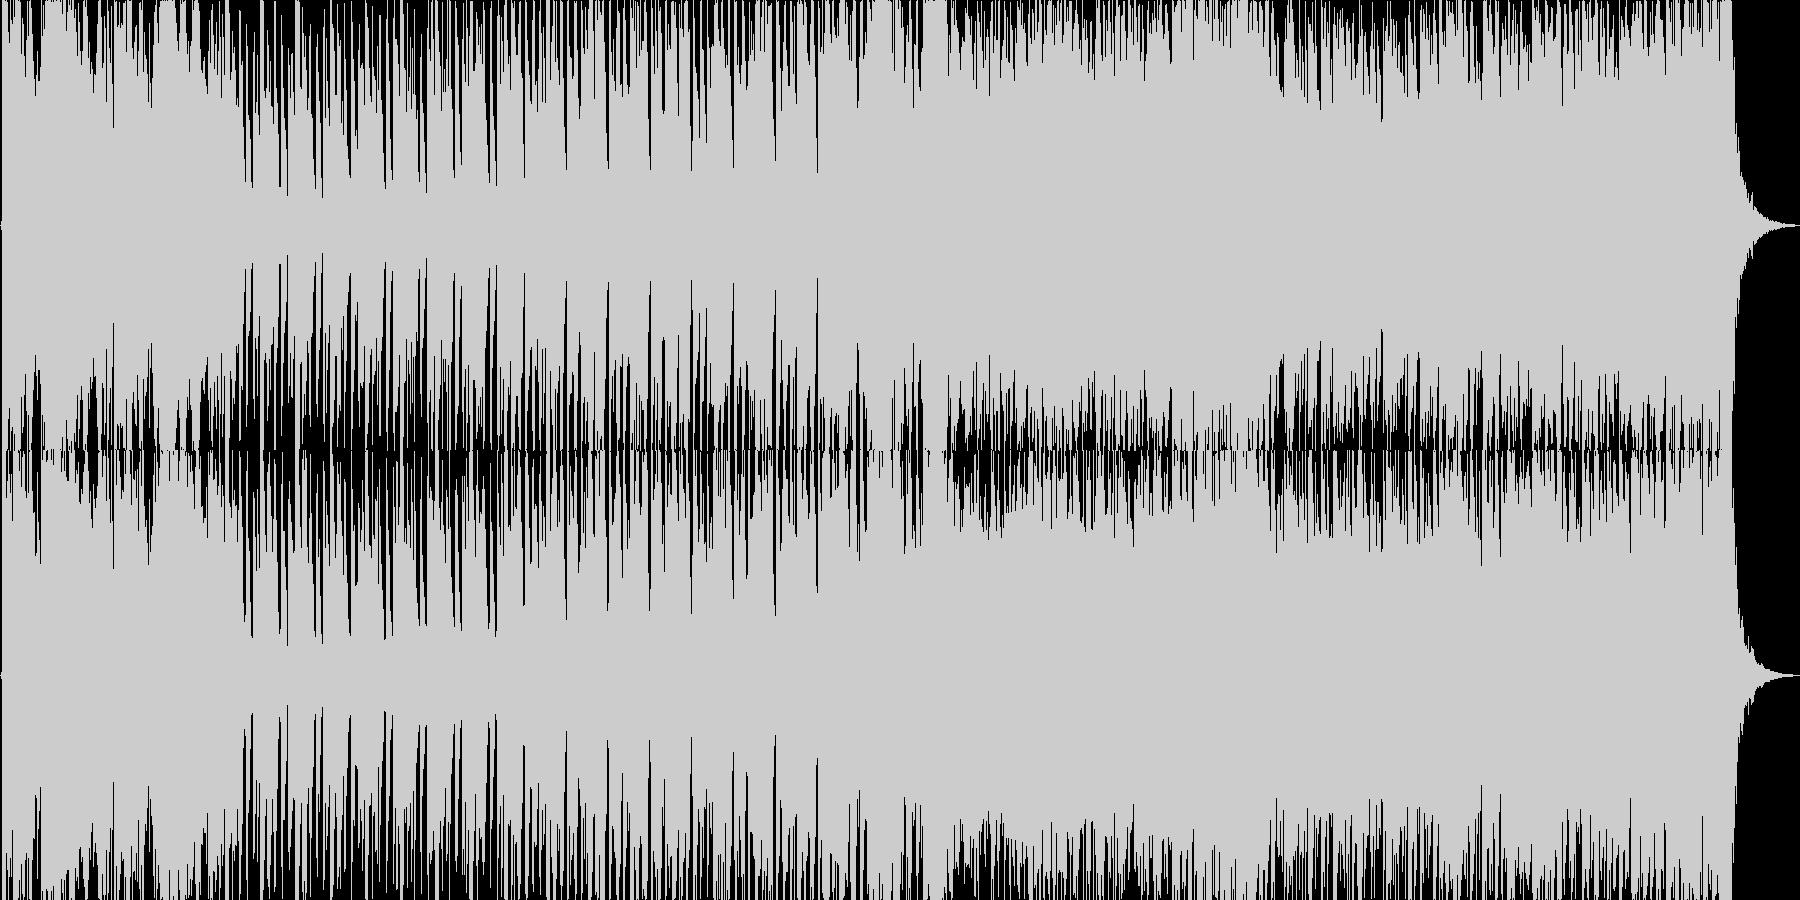 危機迫る雰囲気のオーケストラポップの未再生の波形